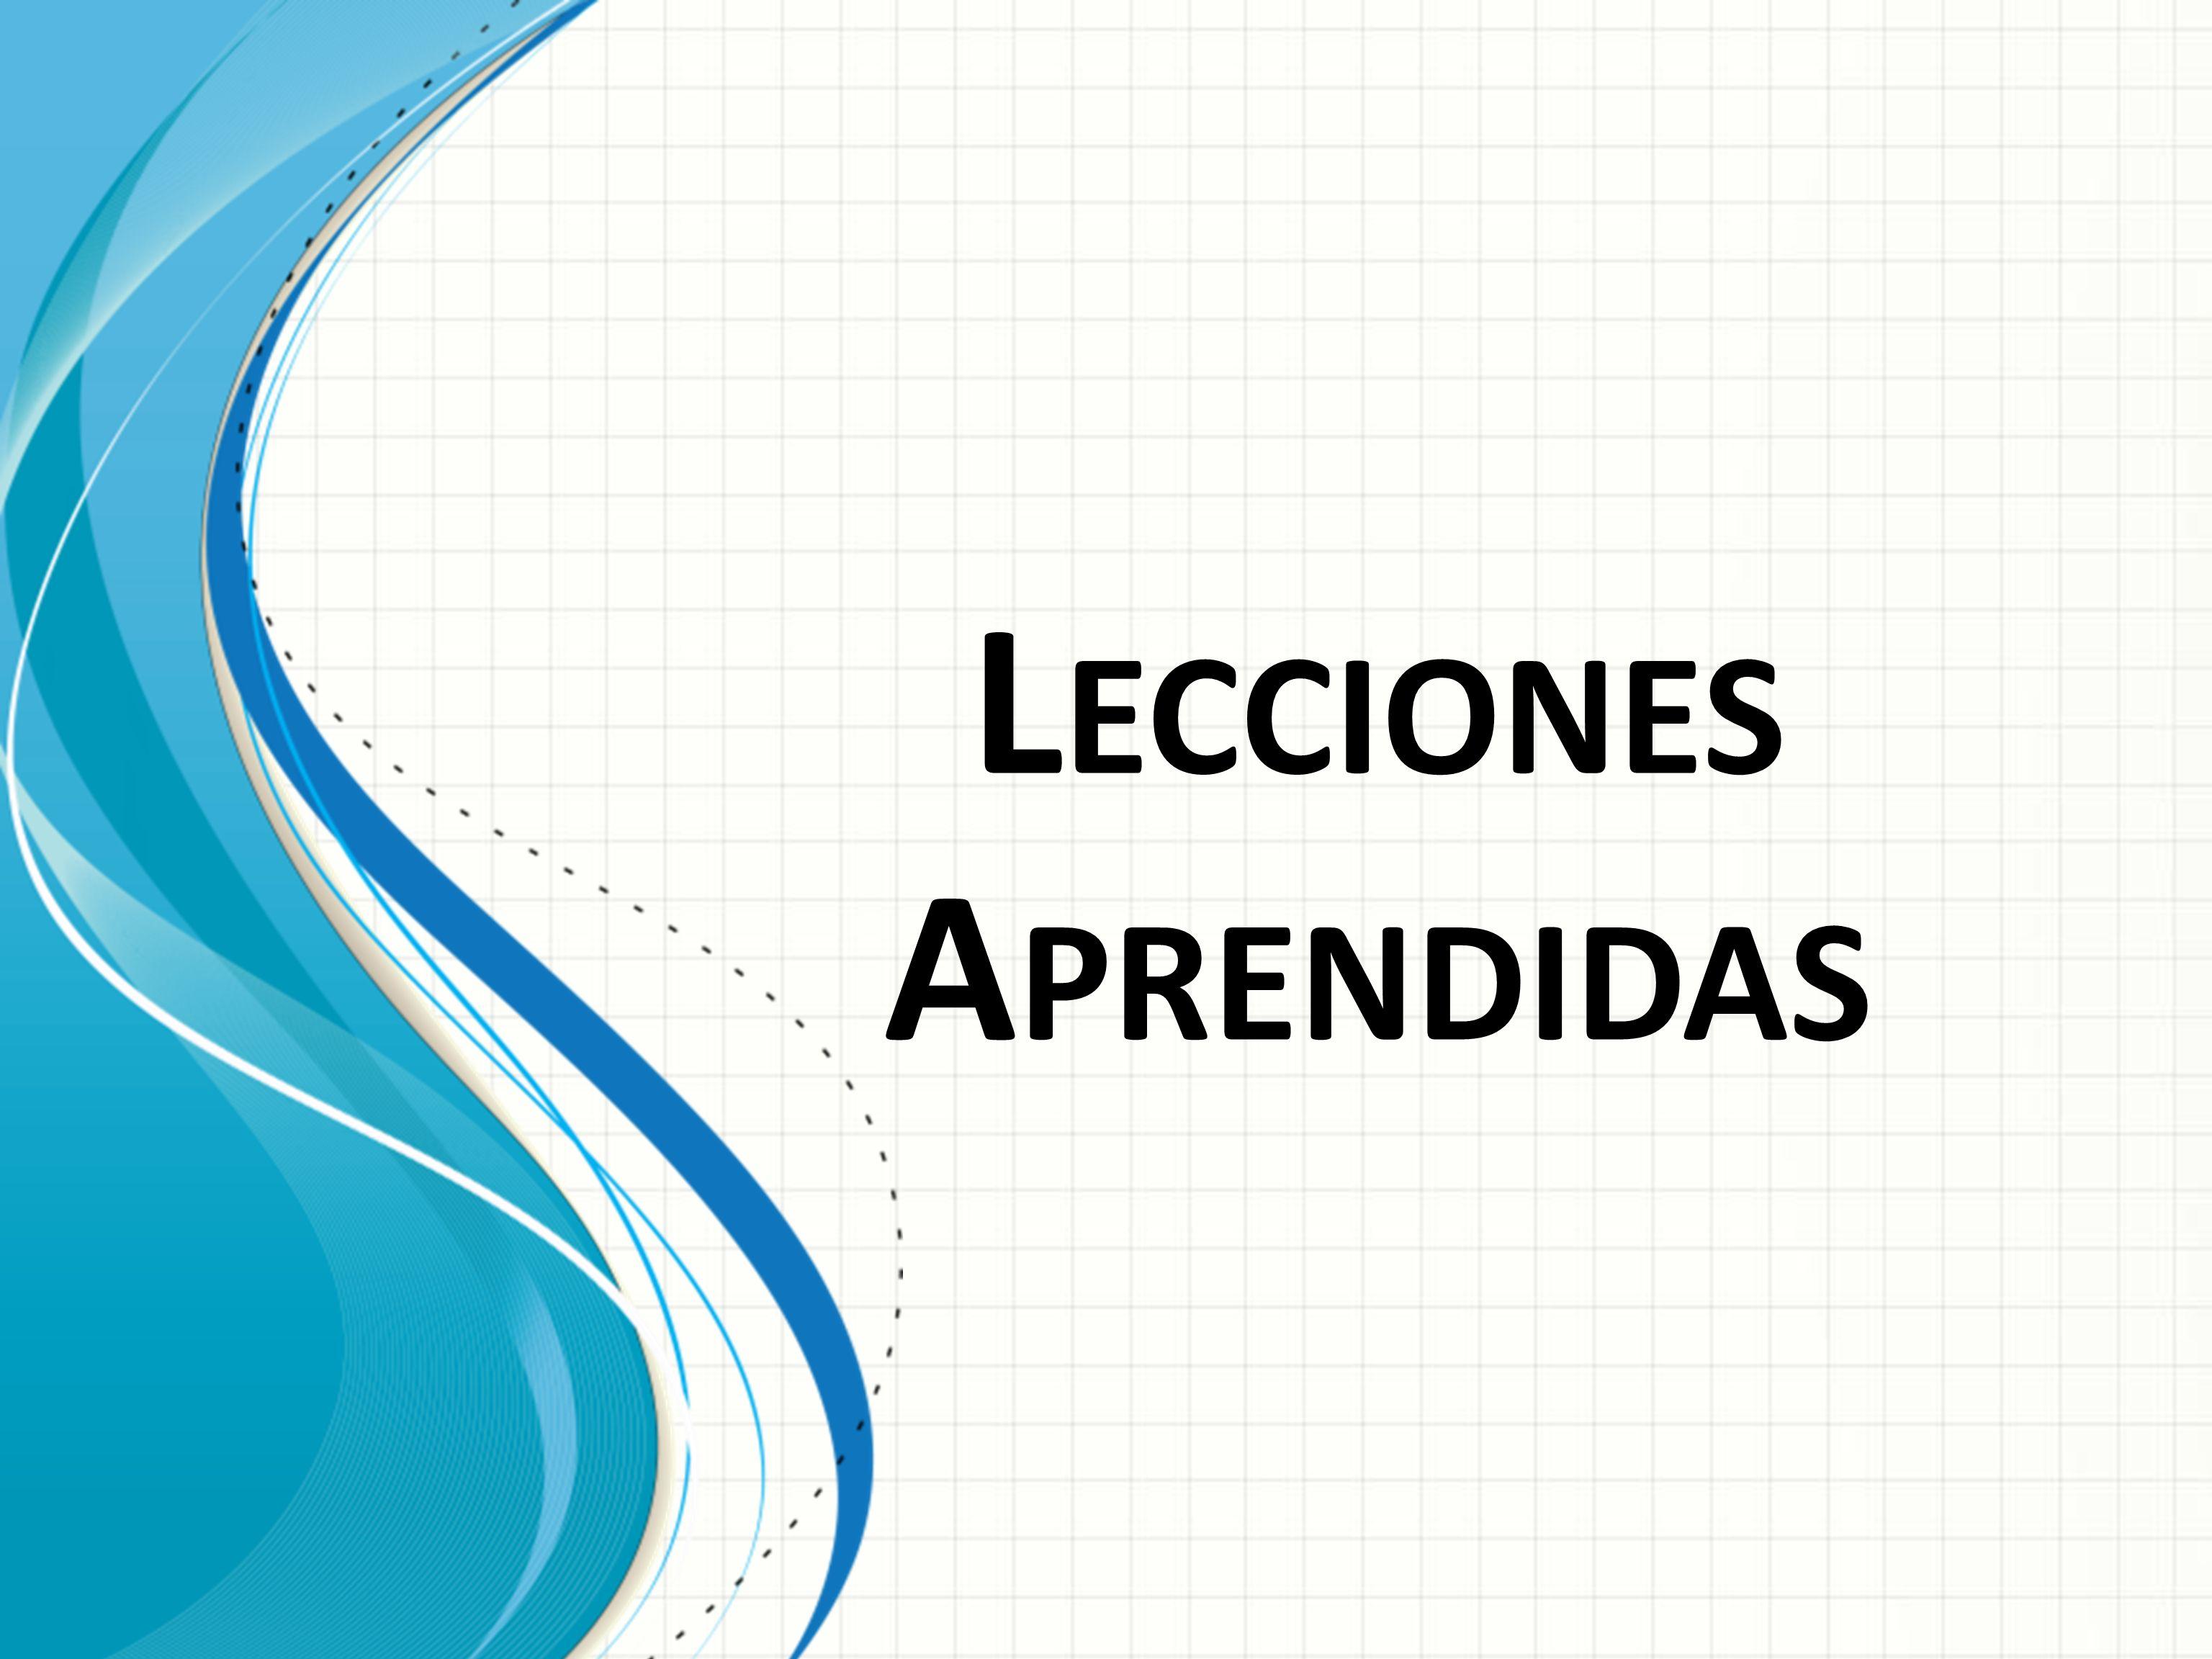 L ECCIONES A PRENDIDAS